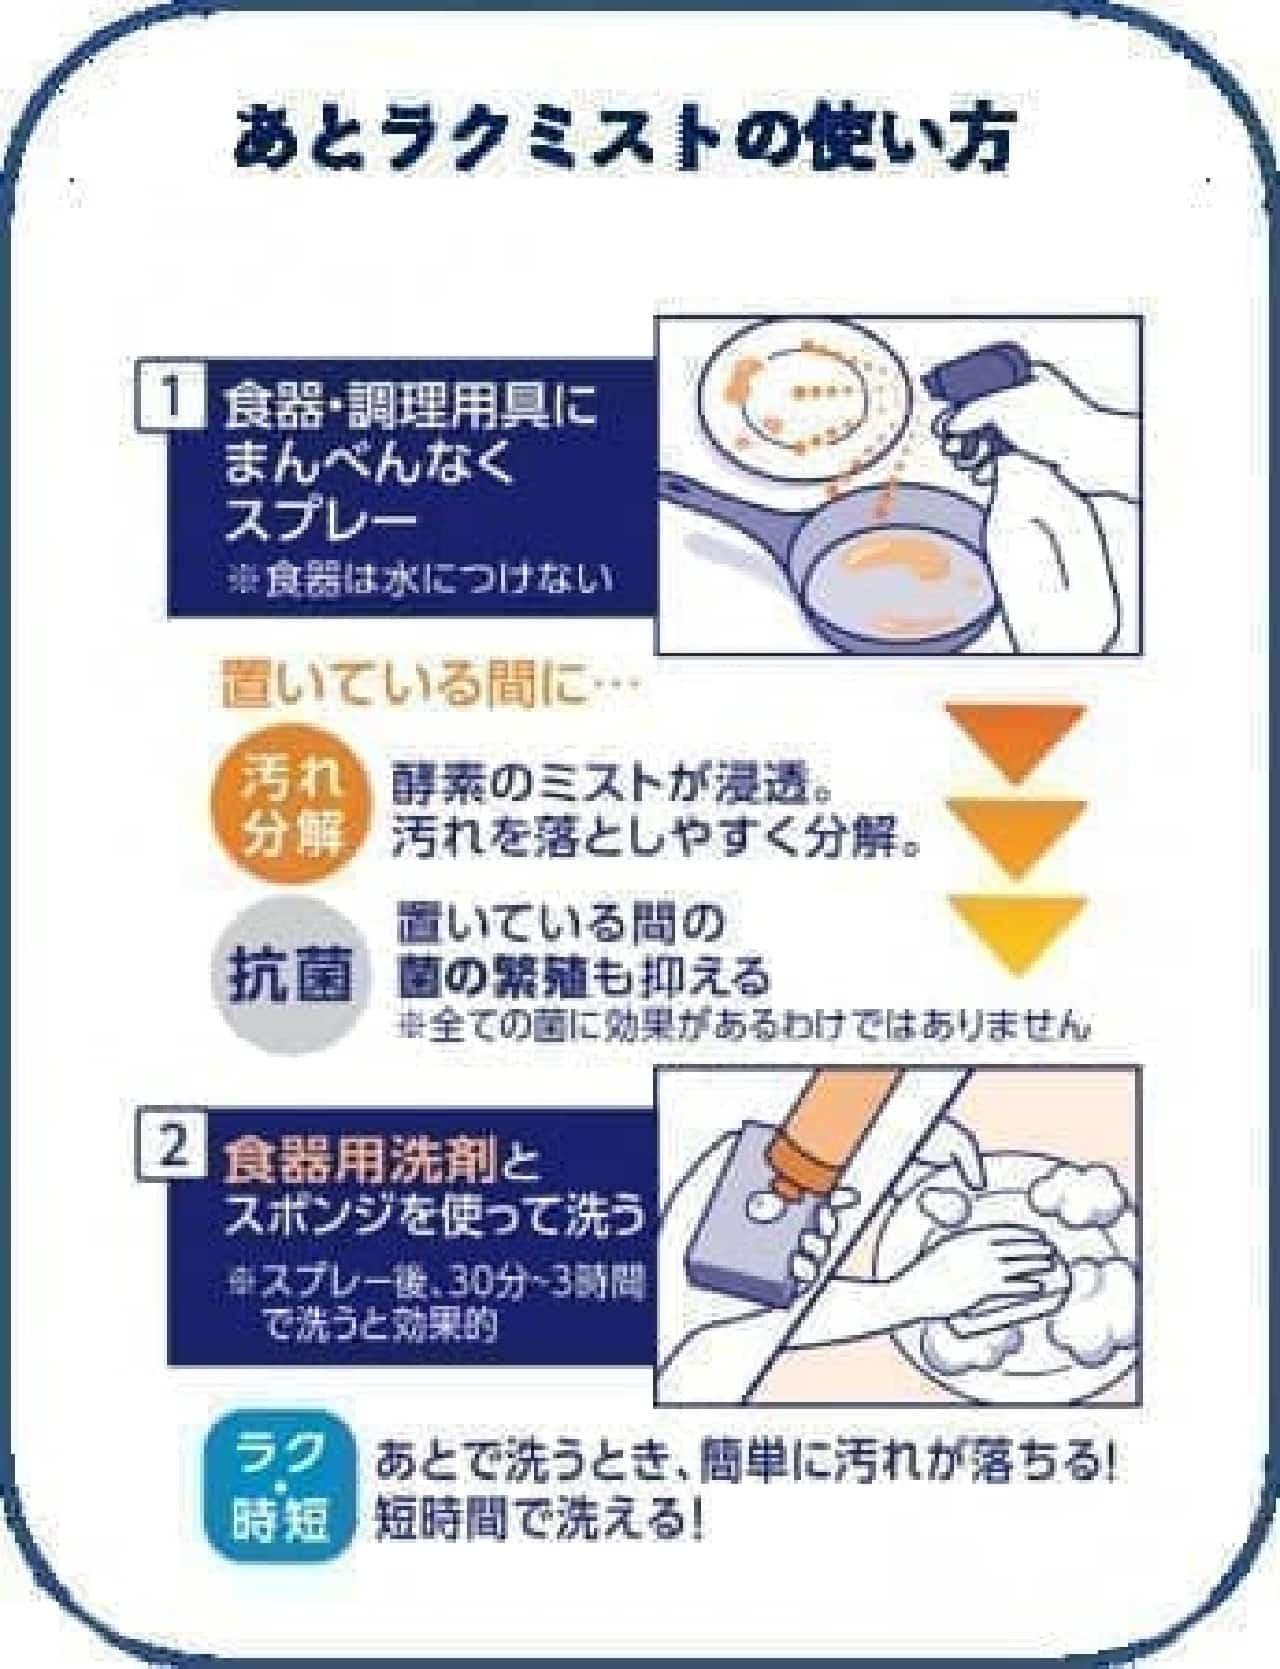 食器用洗剤「キュキュット あとラクミスト」